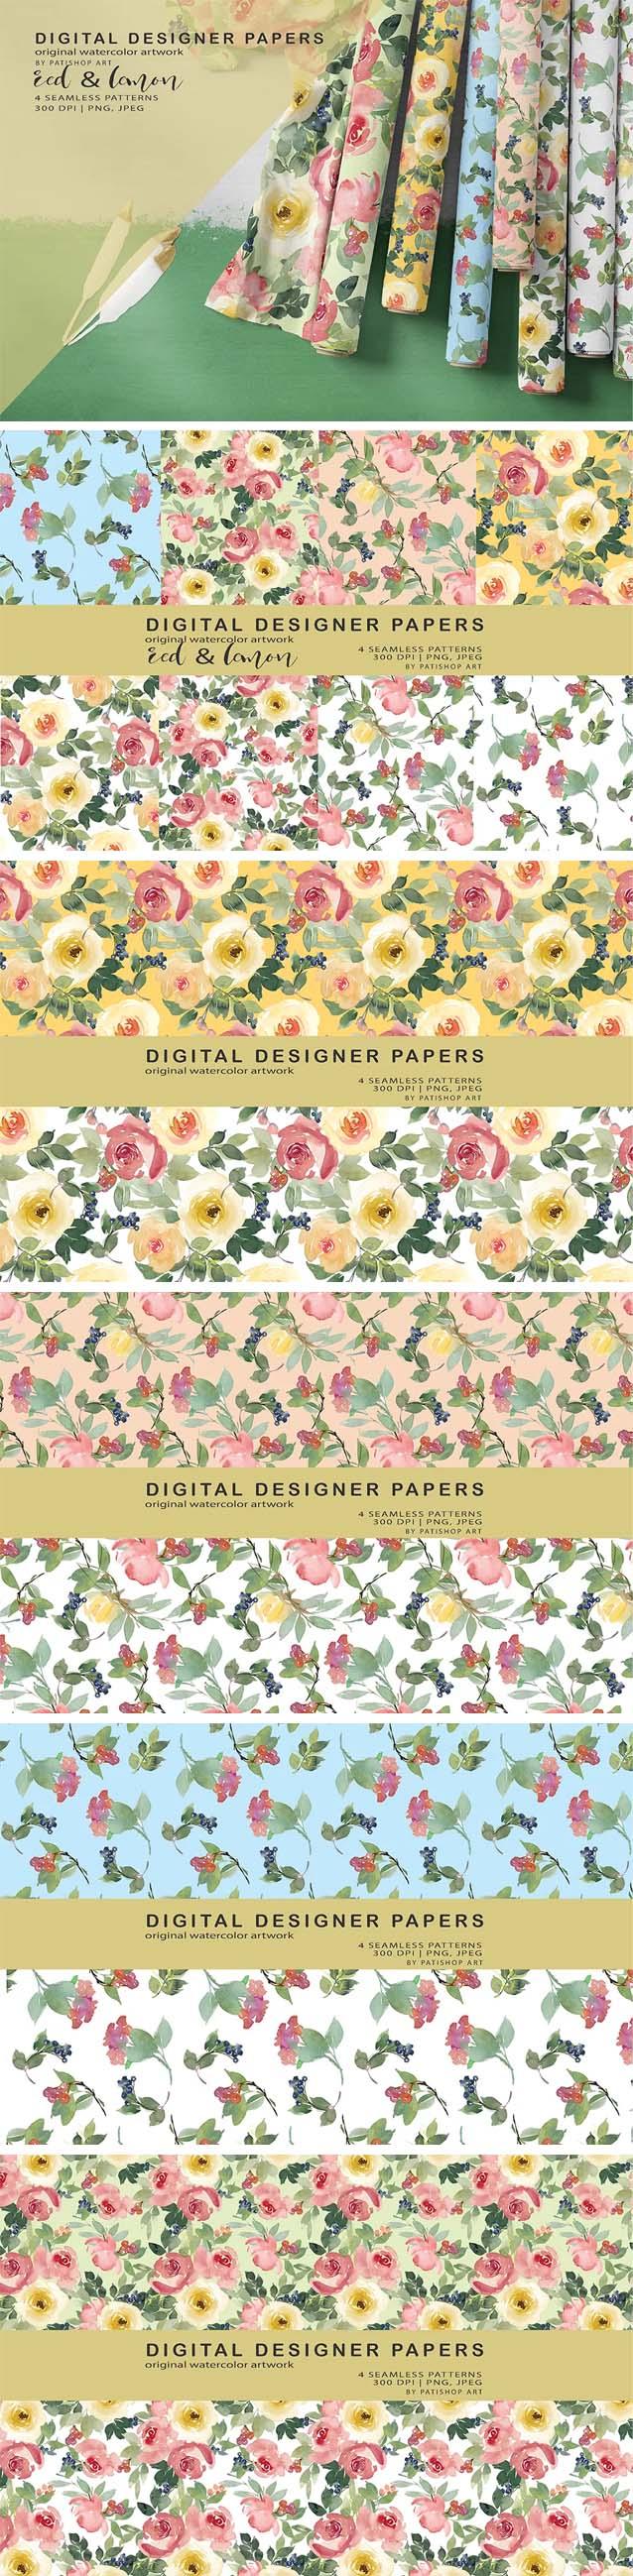 Red and Lemon Watercolor Floral Digital Paper